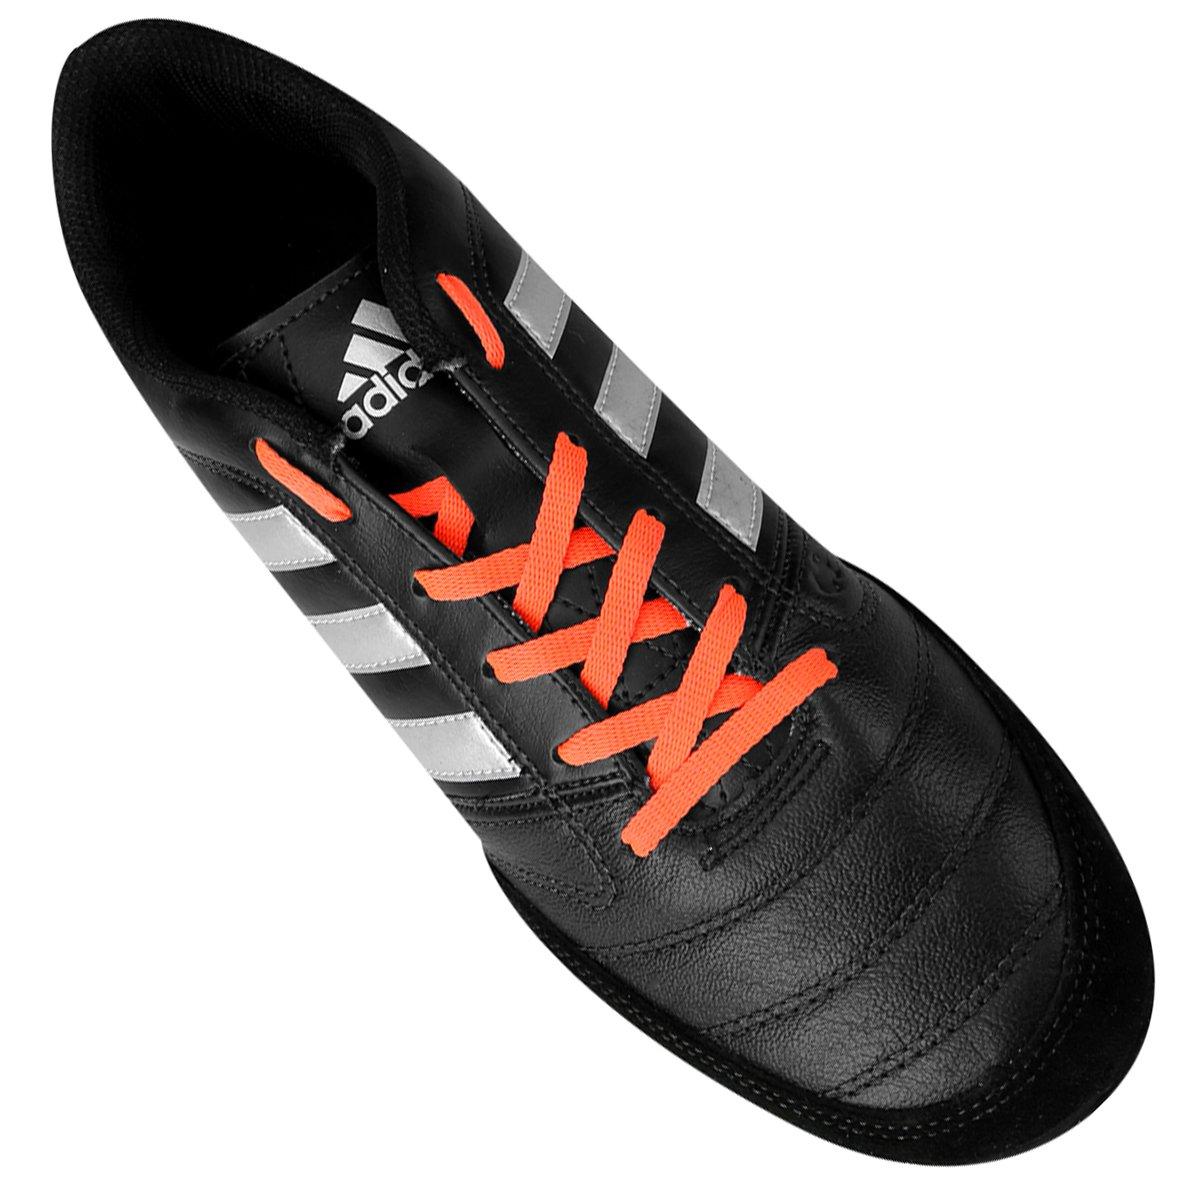 Chuteira Adidas Gloro 16.2 TF Society - Compre Agora  12a10ce583321